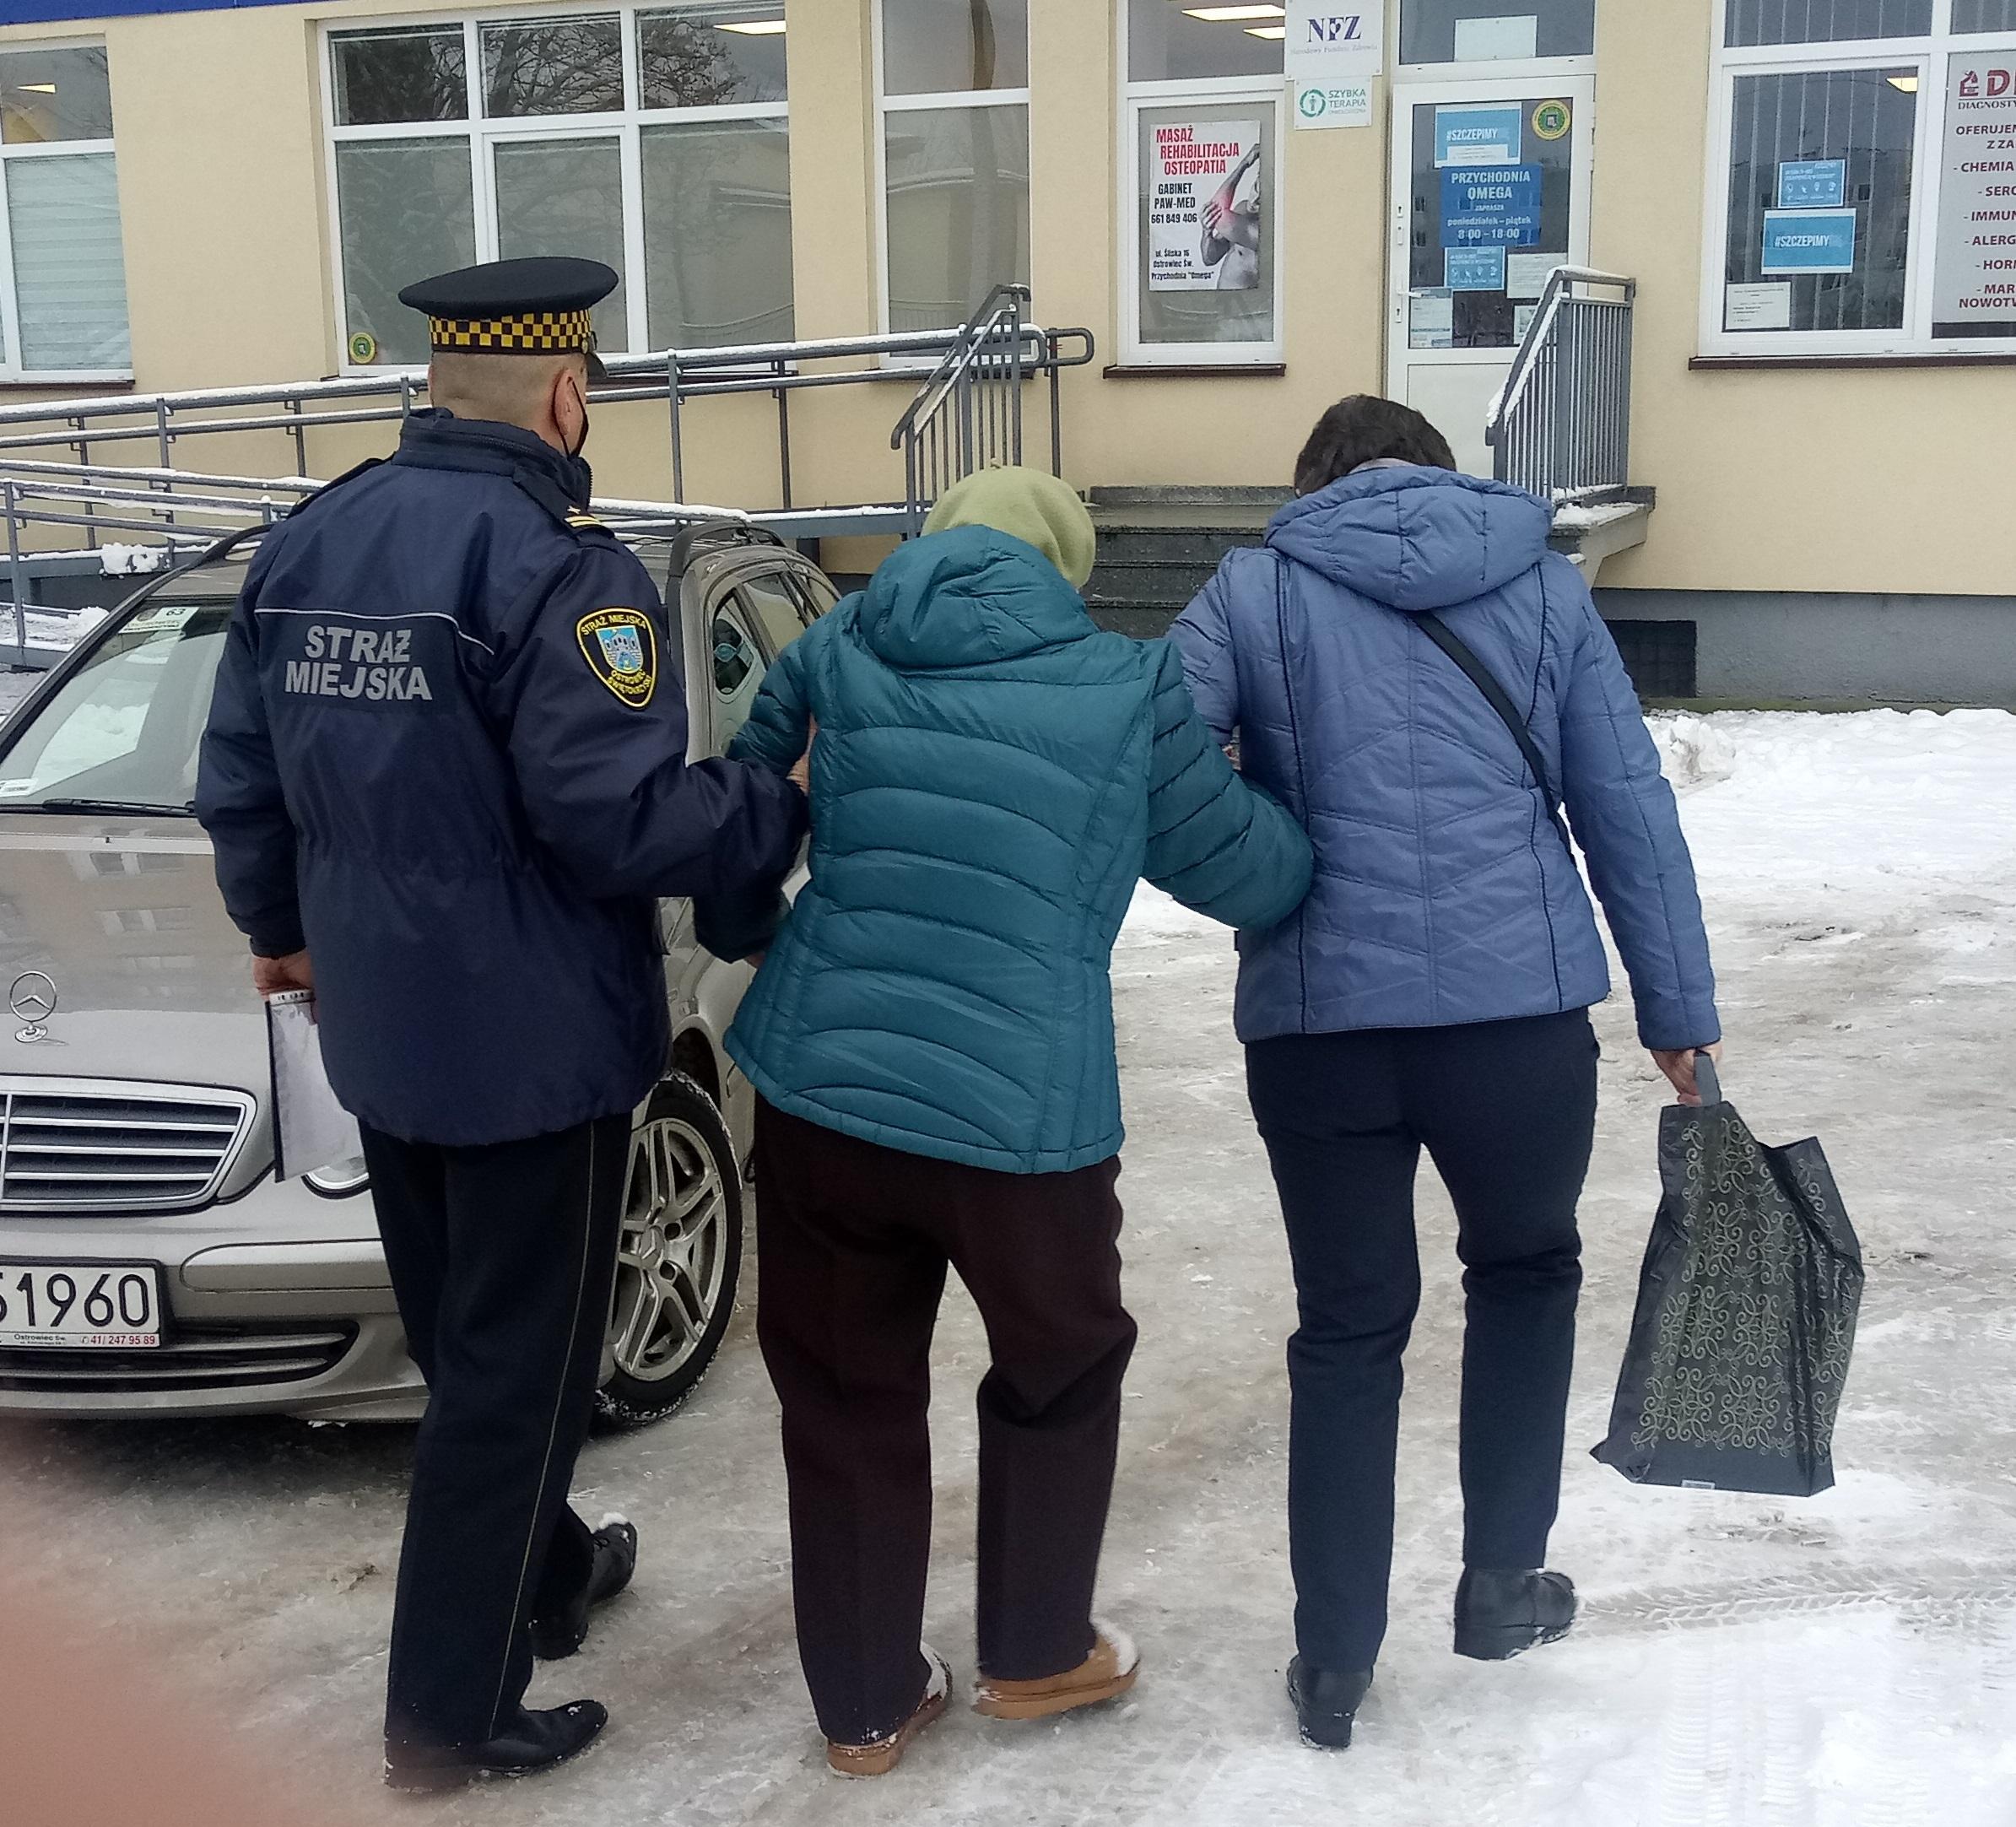 Strażnicy pomagają w szczepieniu seniorów.